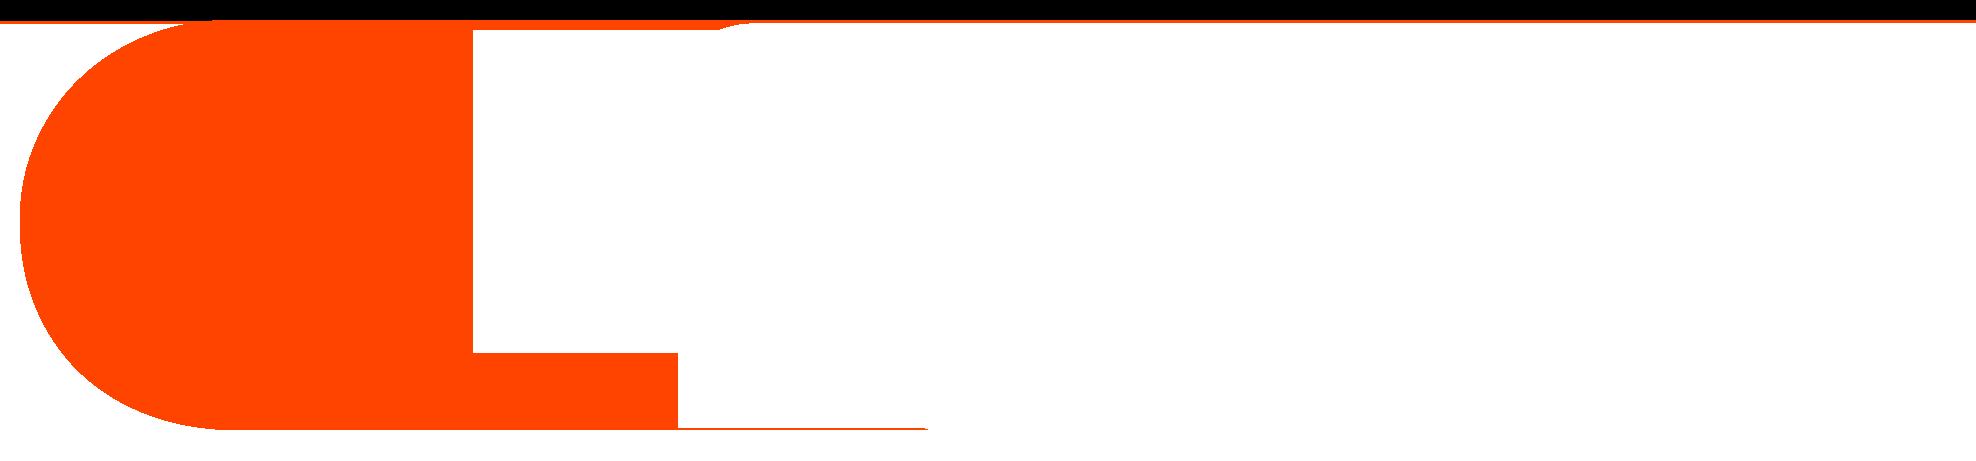 Quantum Insulation